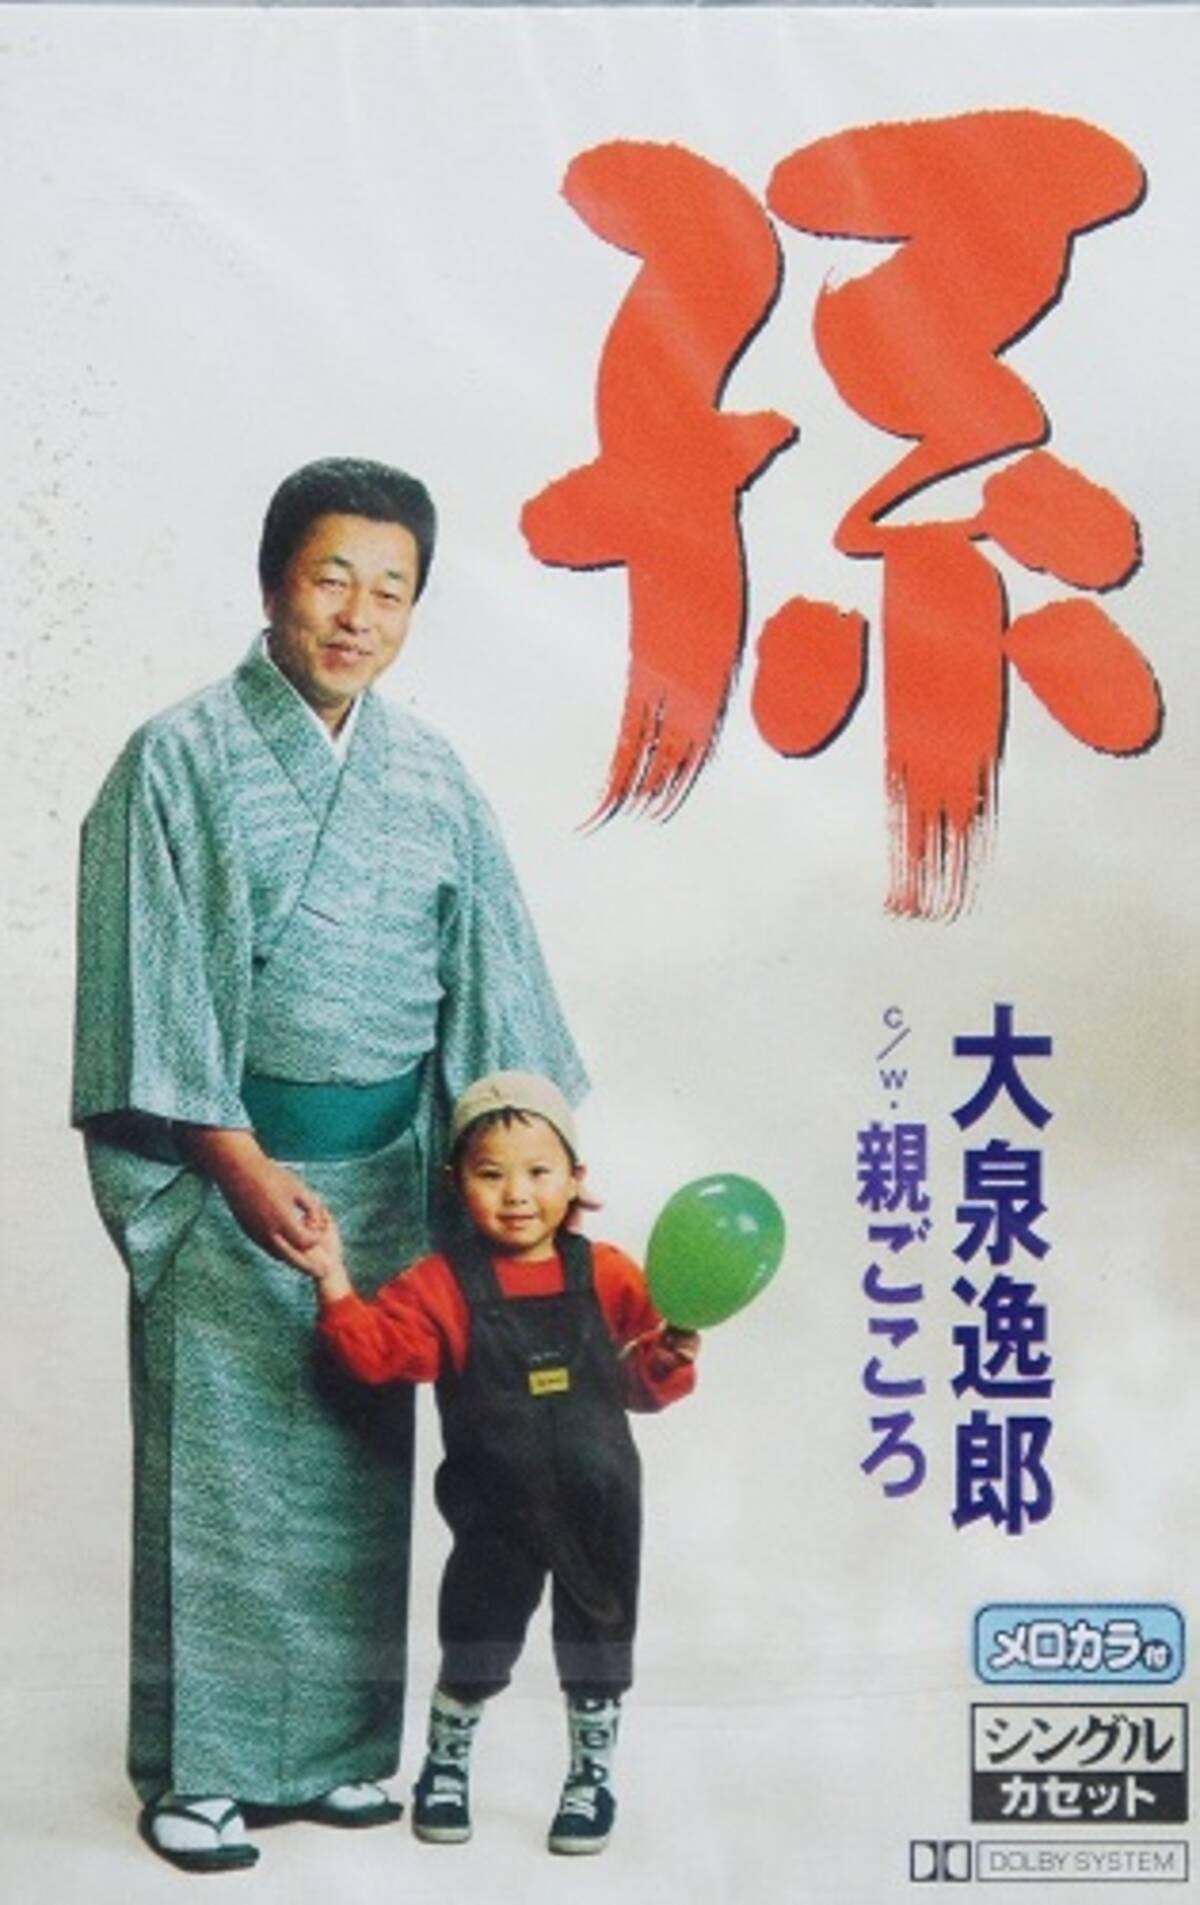 1999年に発売された大泉逸郎の『孫』 演歌でまさかの100万枚超えの大ヒット! - エキサイトニュース